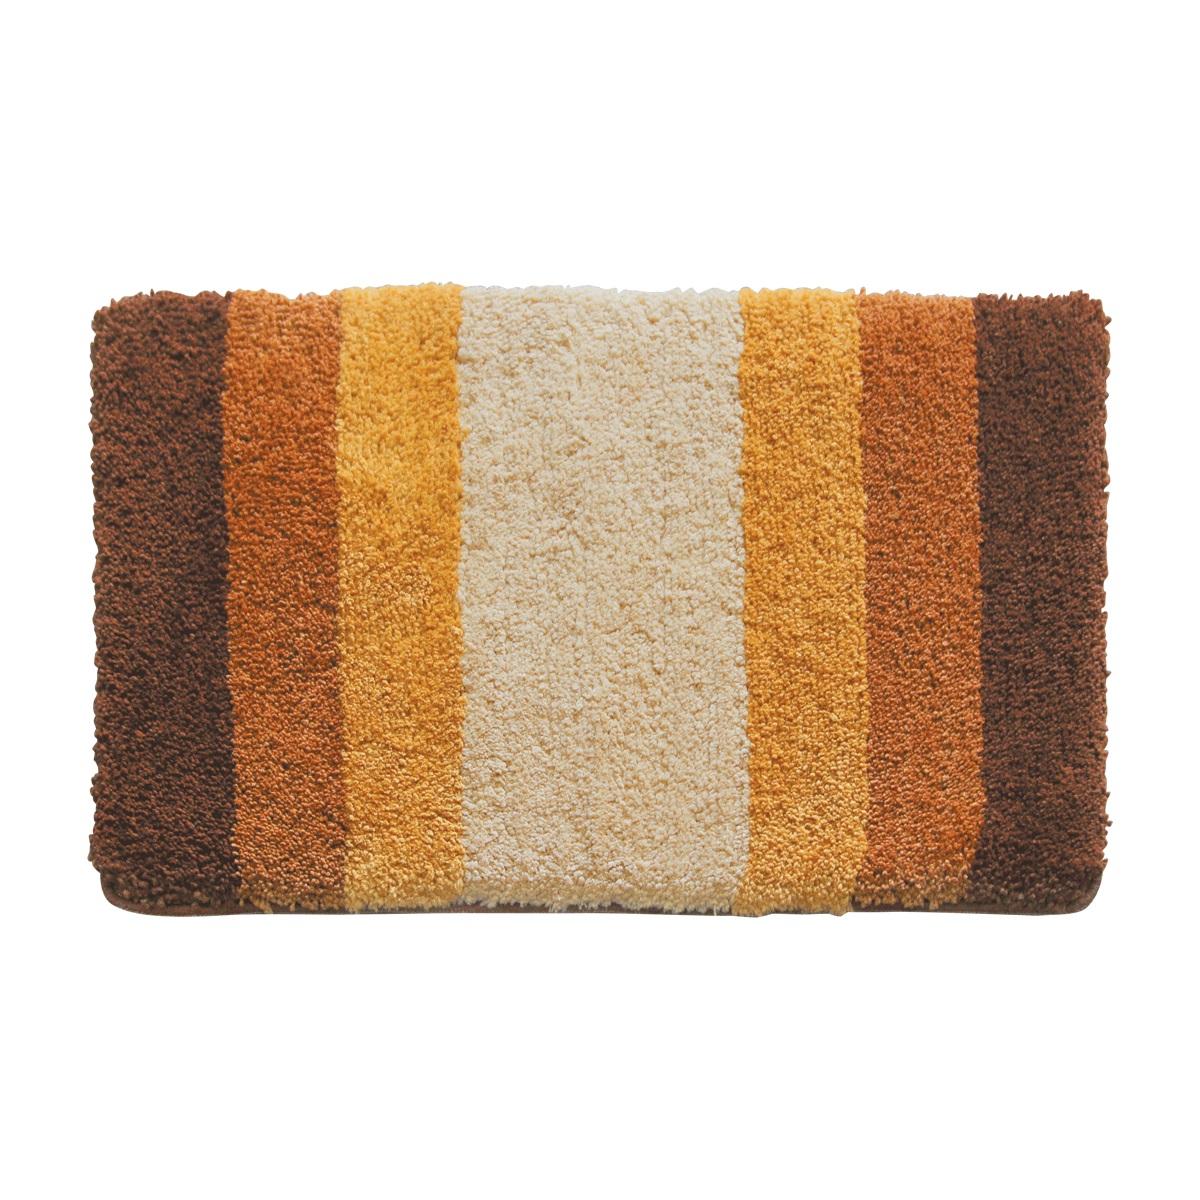 Коврик для ванной Iddis Beige Gradiente, цвет: бежевый, 50 х 80 см550M580i12100% Полиэстеровый тканный коврик для ванной комнаты 50*80 см на латексной основе. Высота ворса 2,5 см. Упаковка ПП пакет